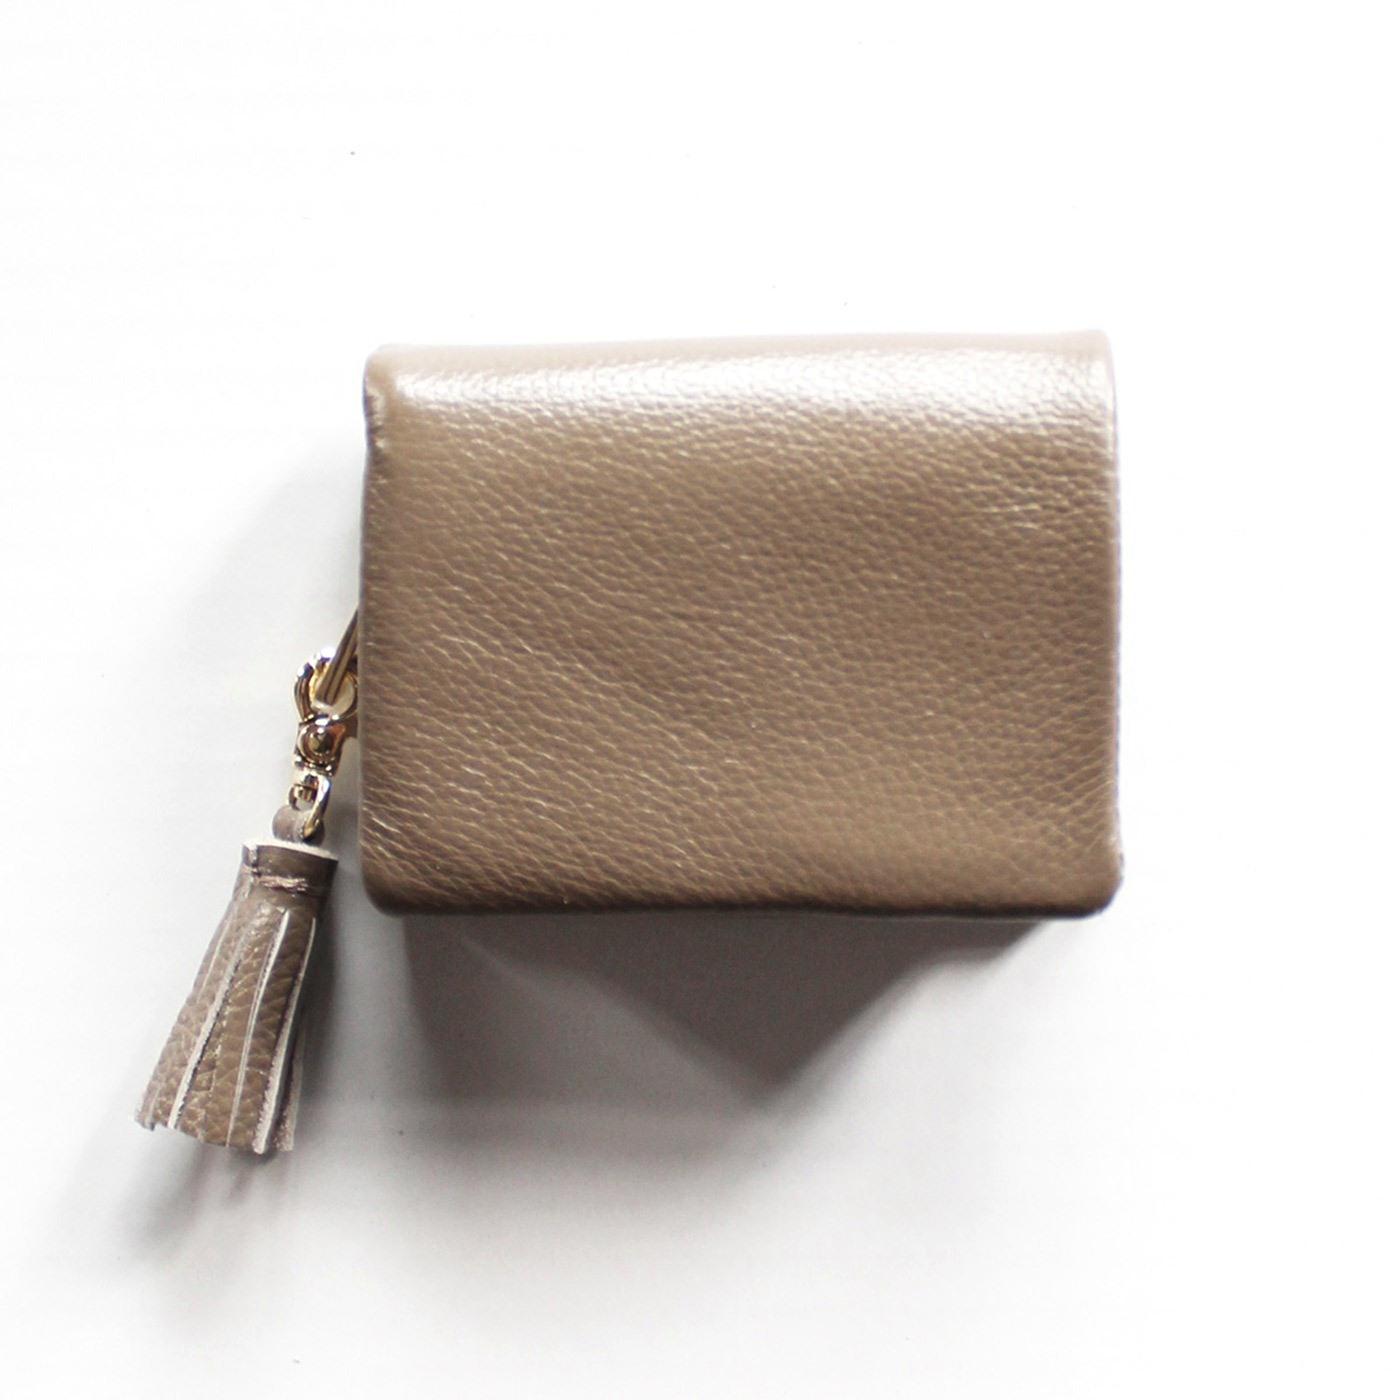 IEDIT[イディット] SELECT やわらか艶レザーで手になじむ 長く使いこみたい本革ミニ財布〈グレー〉